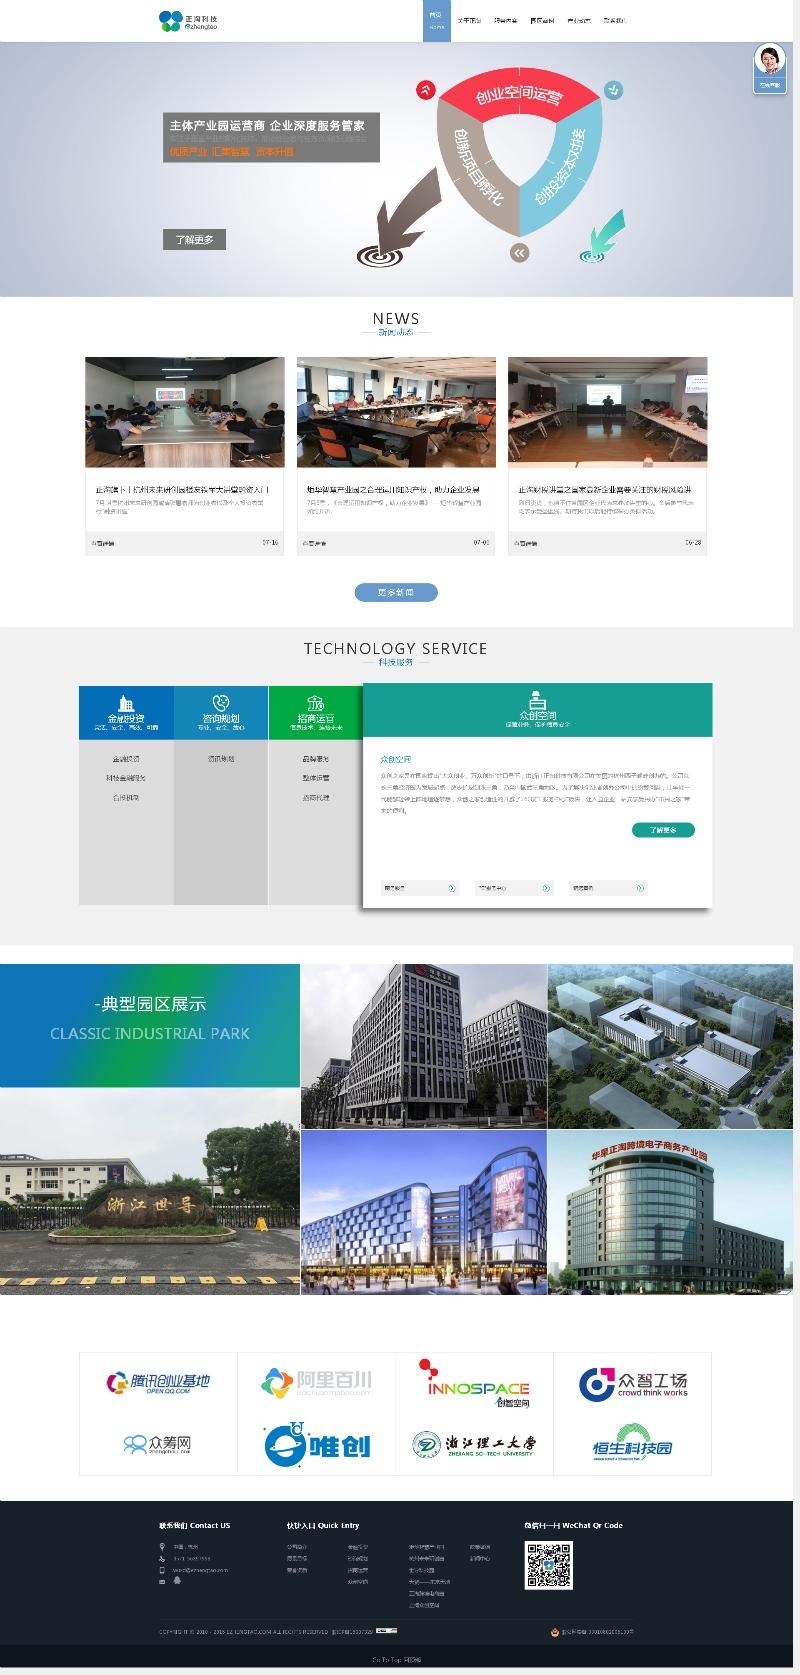 浙江正淘科技有限公司-杭州盘网网站建设作品